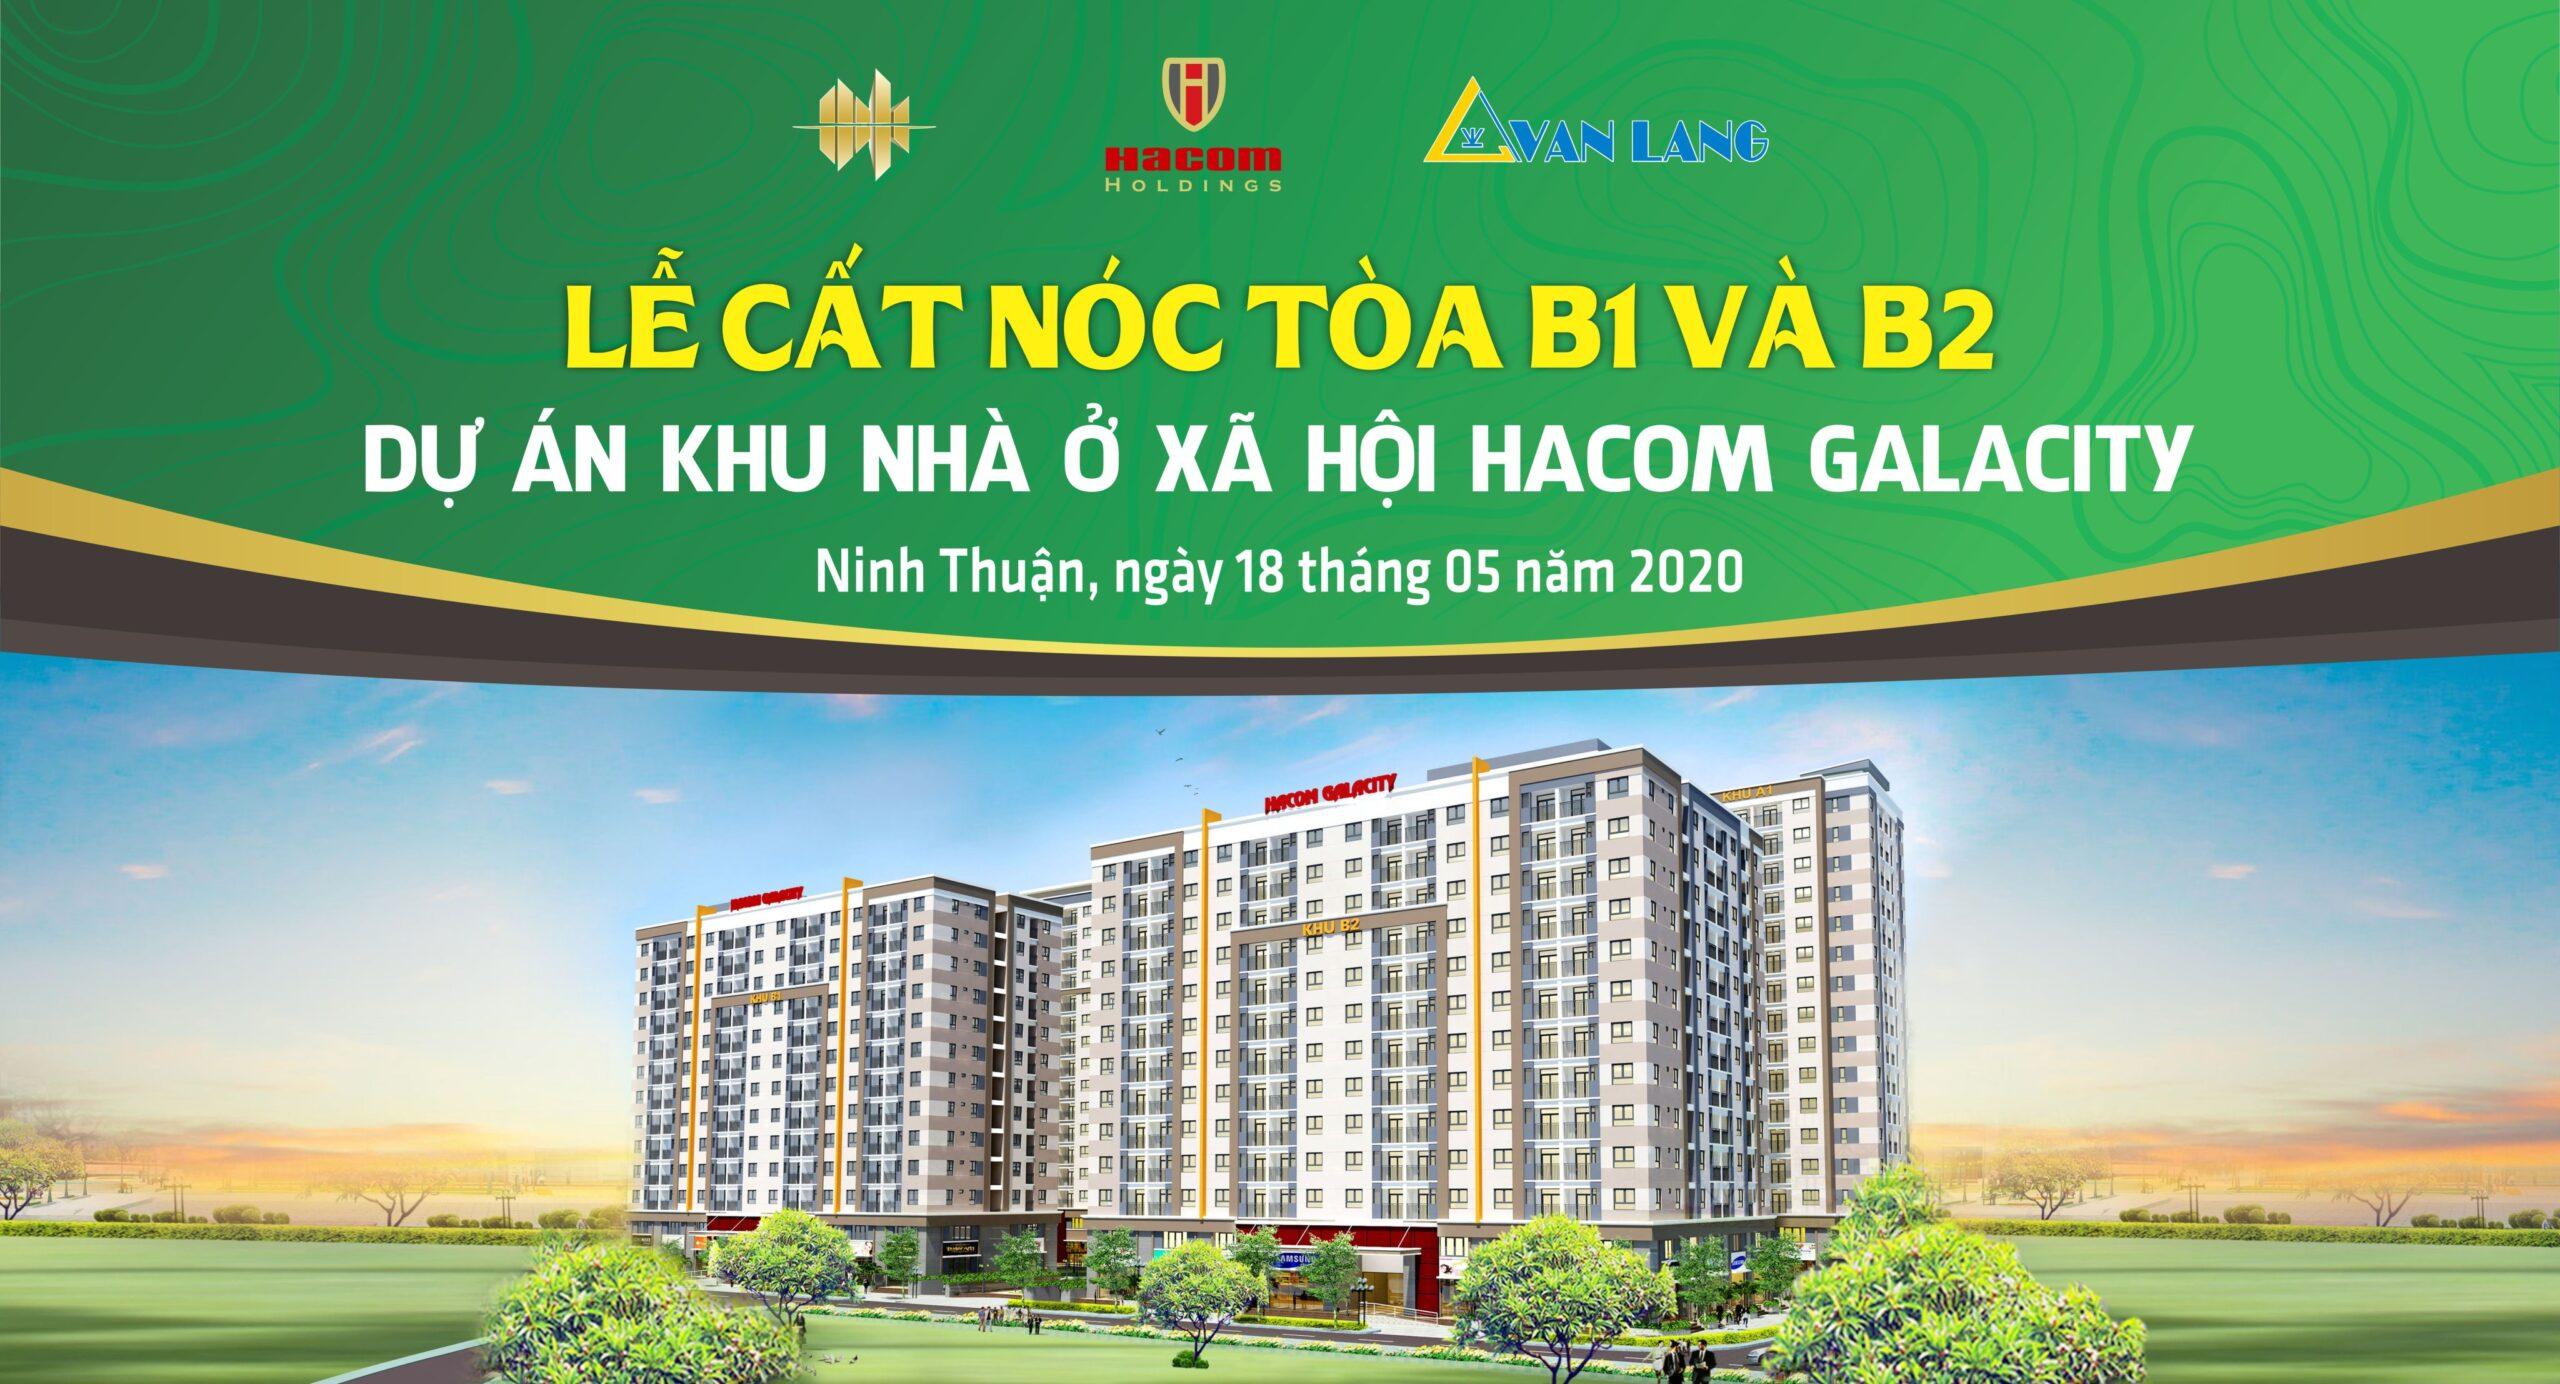 Lễ cất nóc 2 tòa b1 và b2 dự án Hacom Galacity